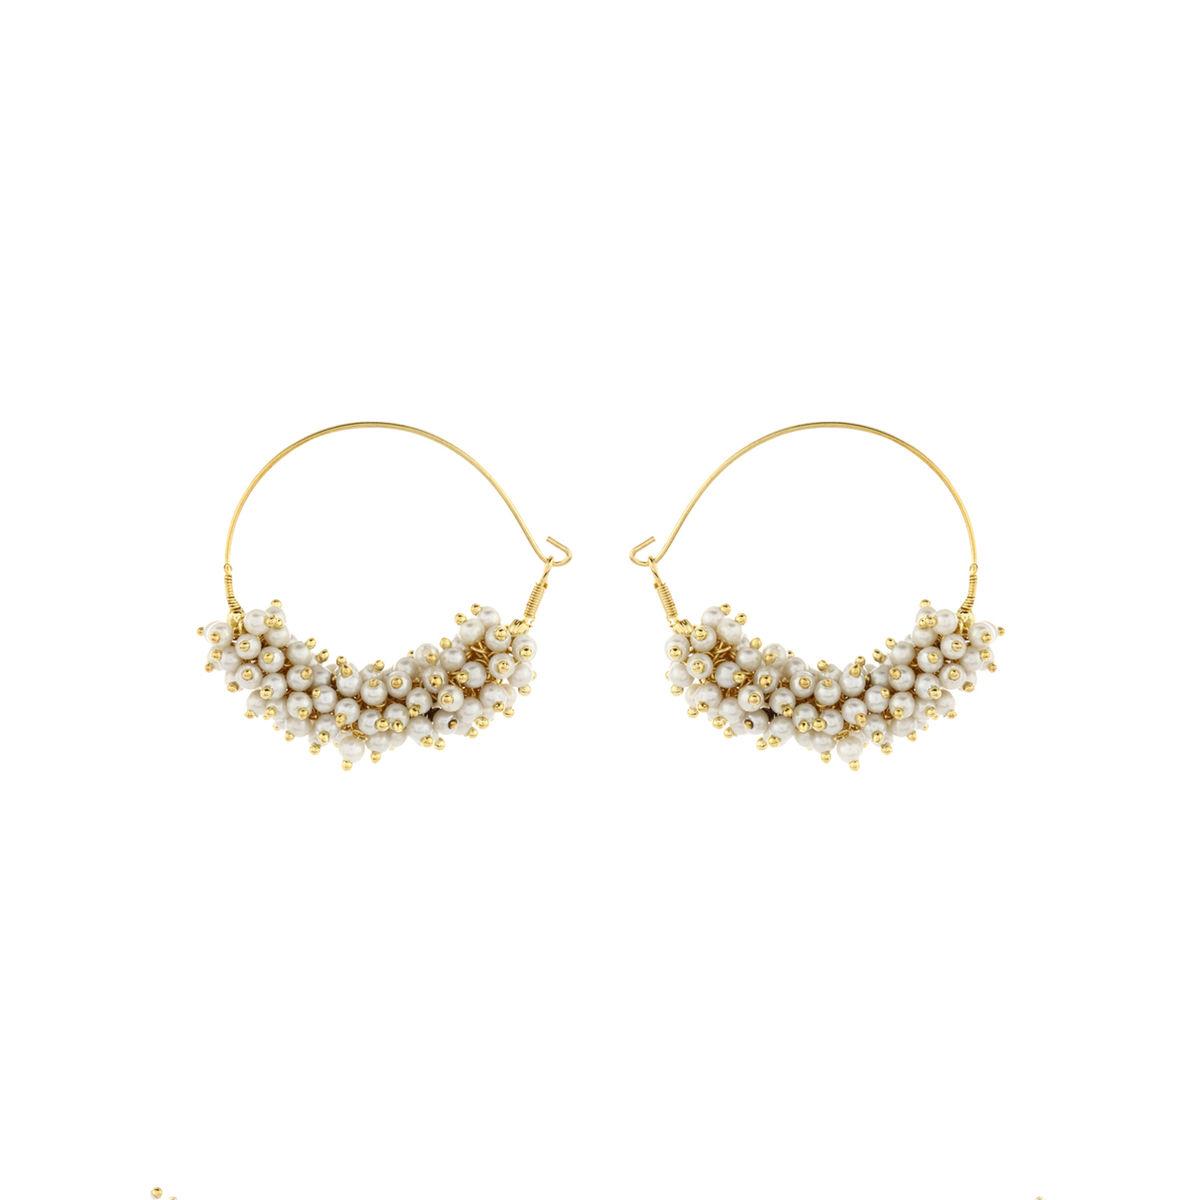 Pearl Bali Hoop Earrings